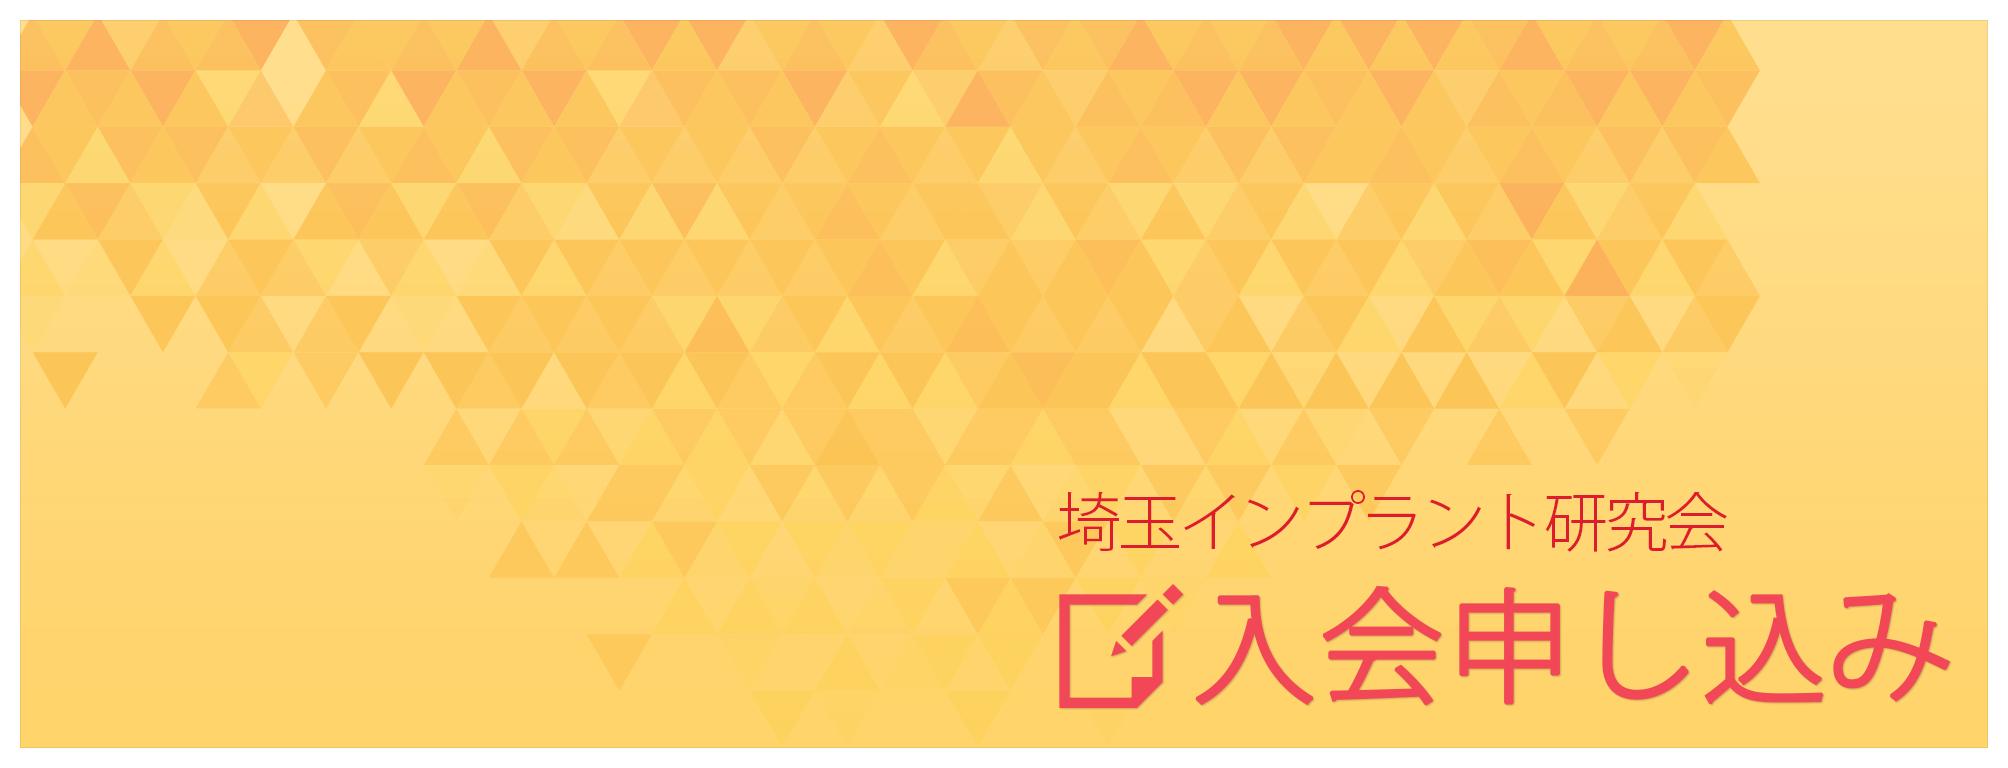 埼玉インプラント研究会 入会申込み